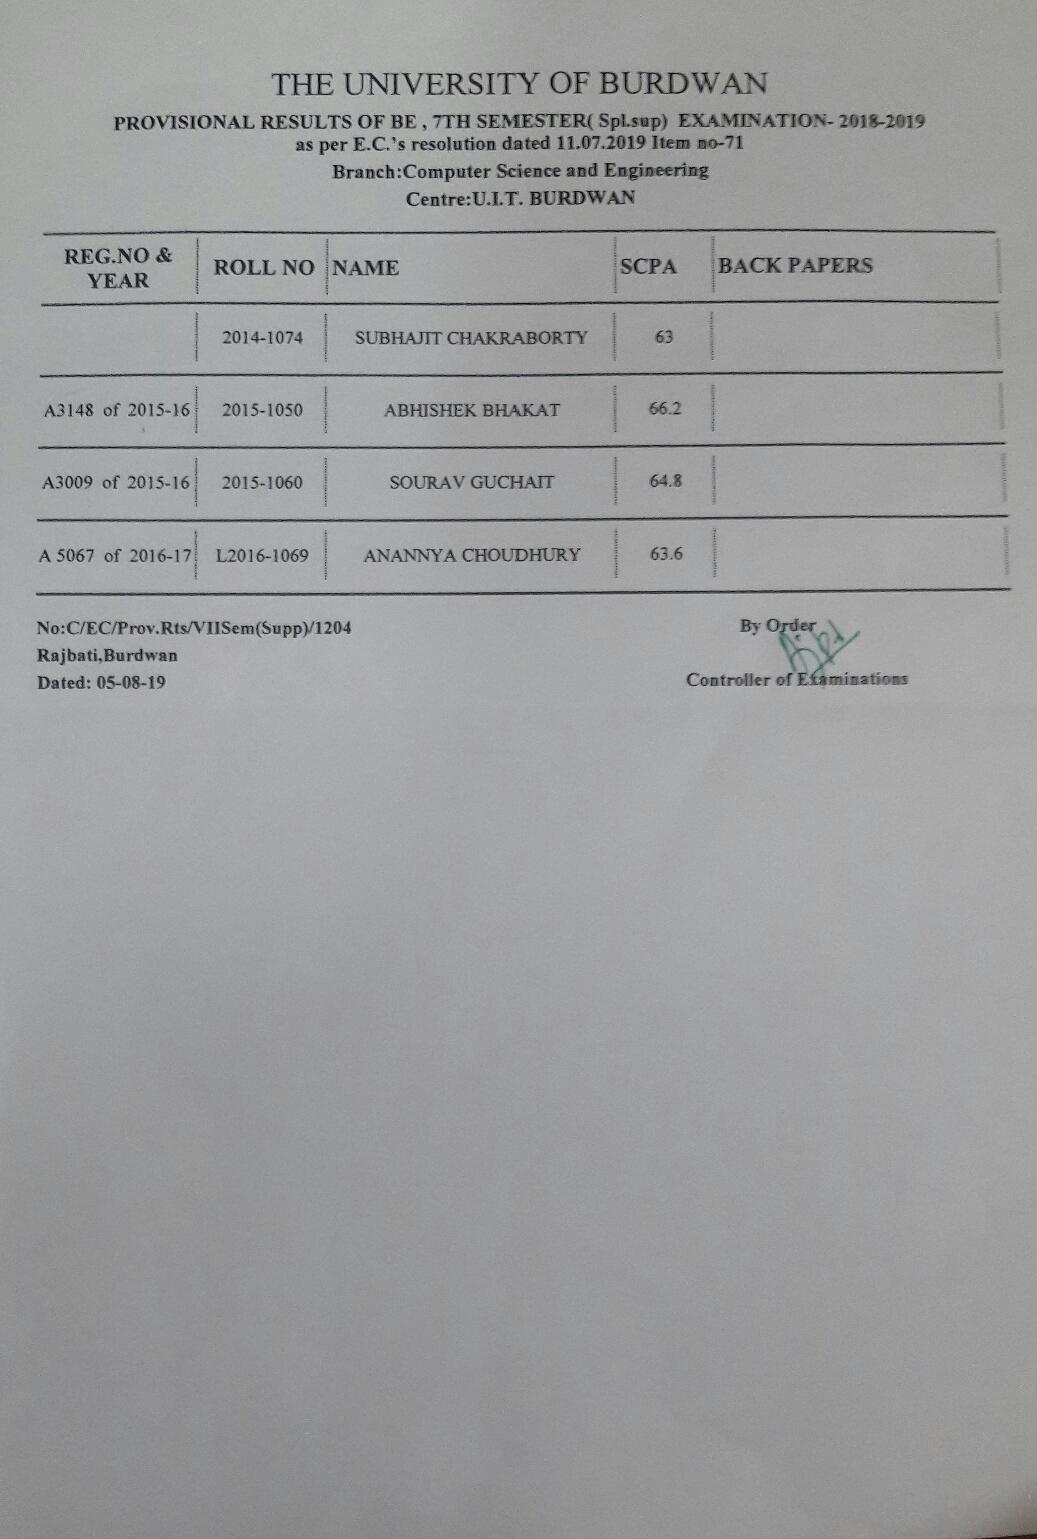 Department of Computer Science & Engineering - UIT Burdwan